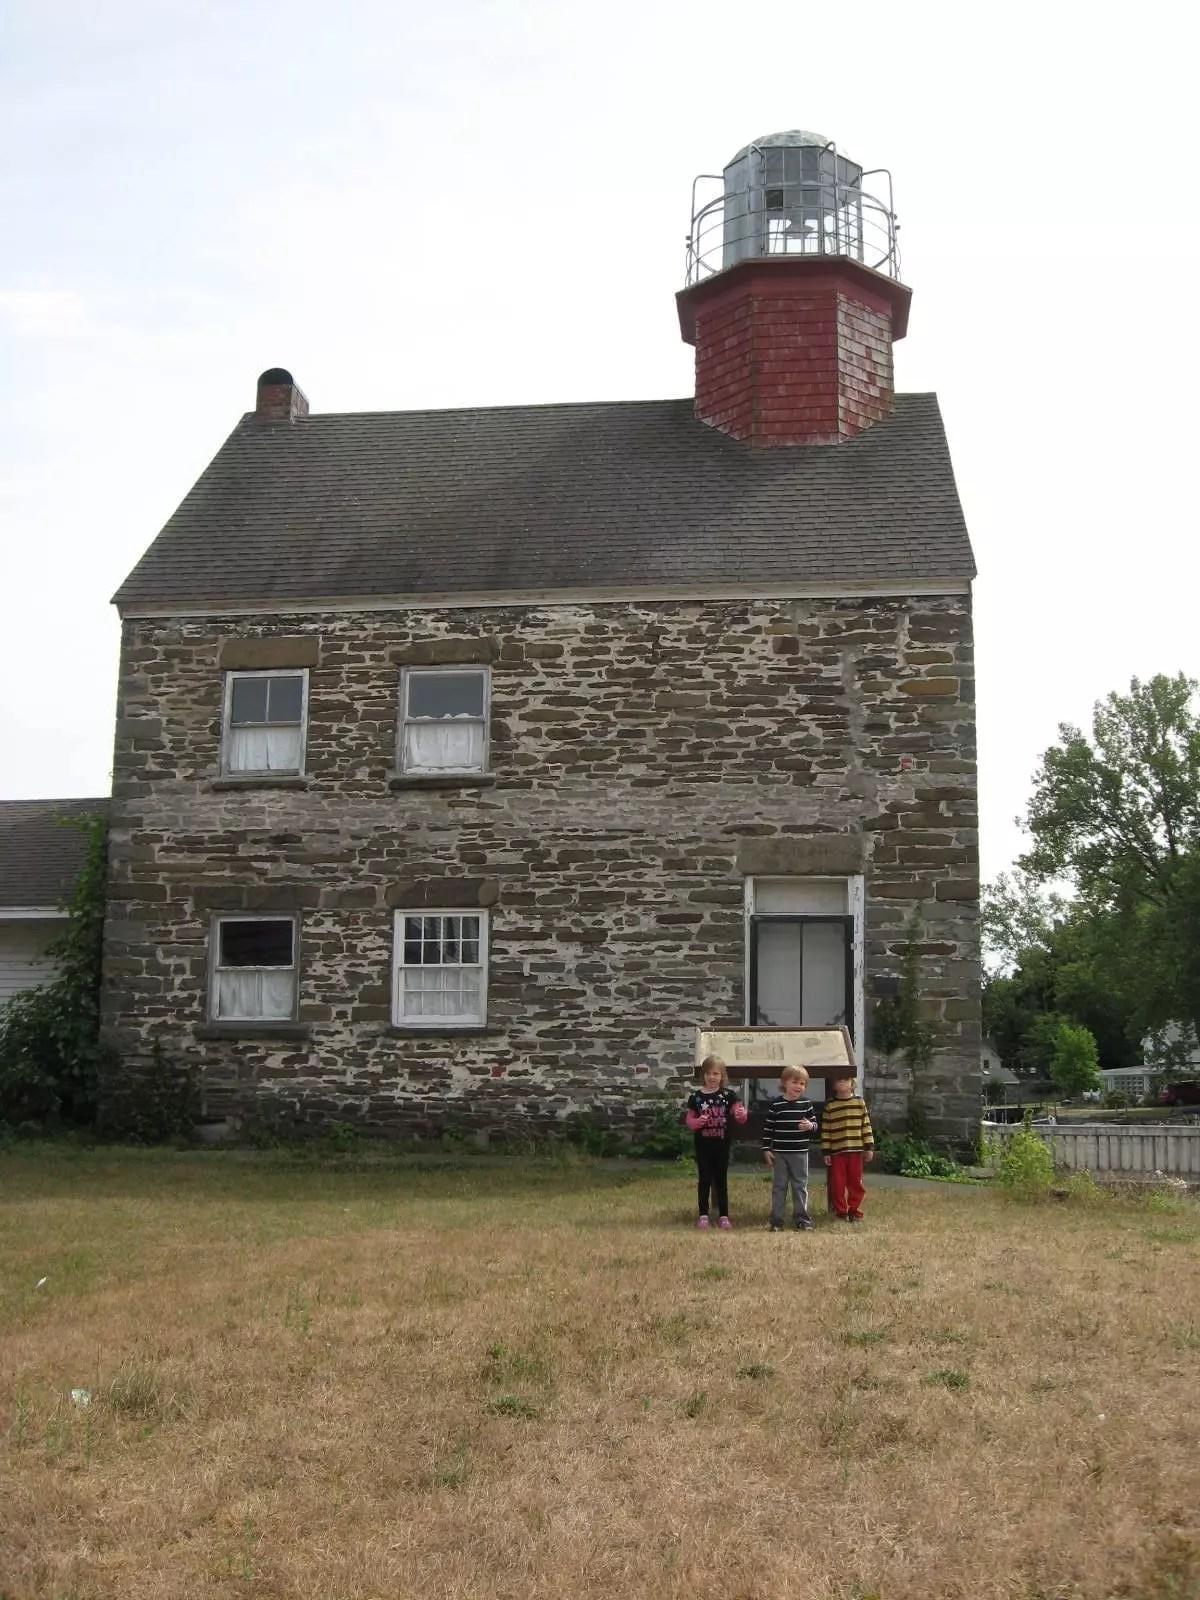 Selkirk Lighthouse, Birdcage, New York